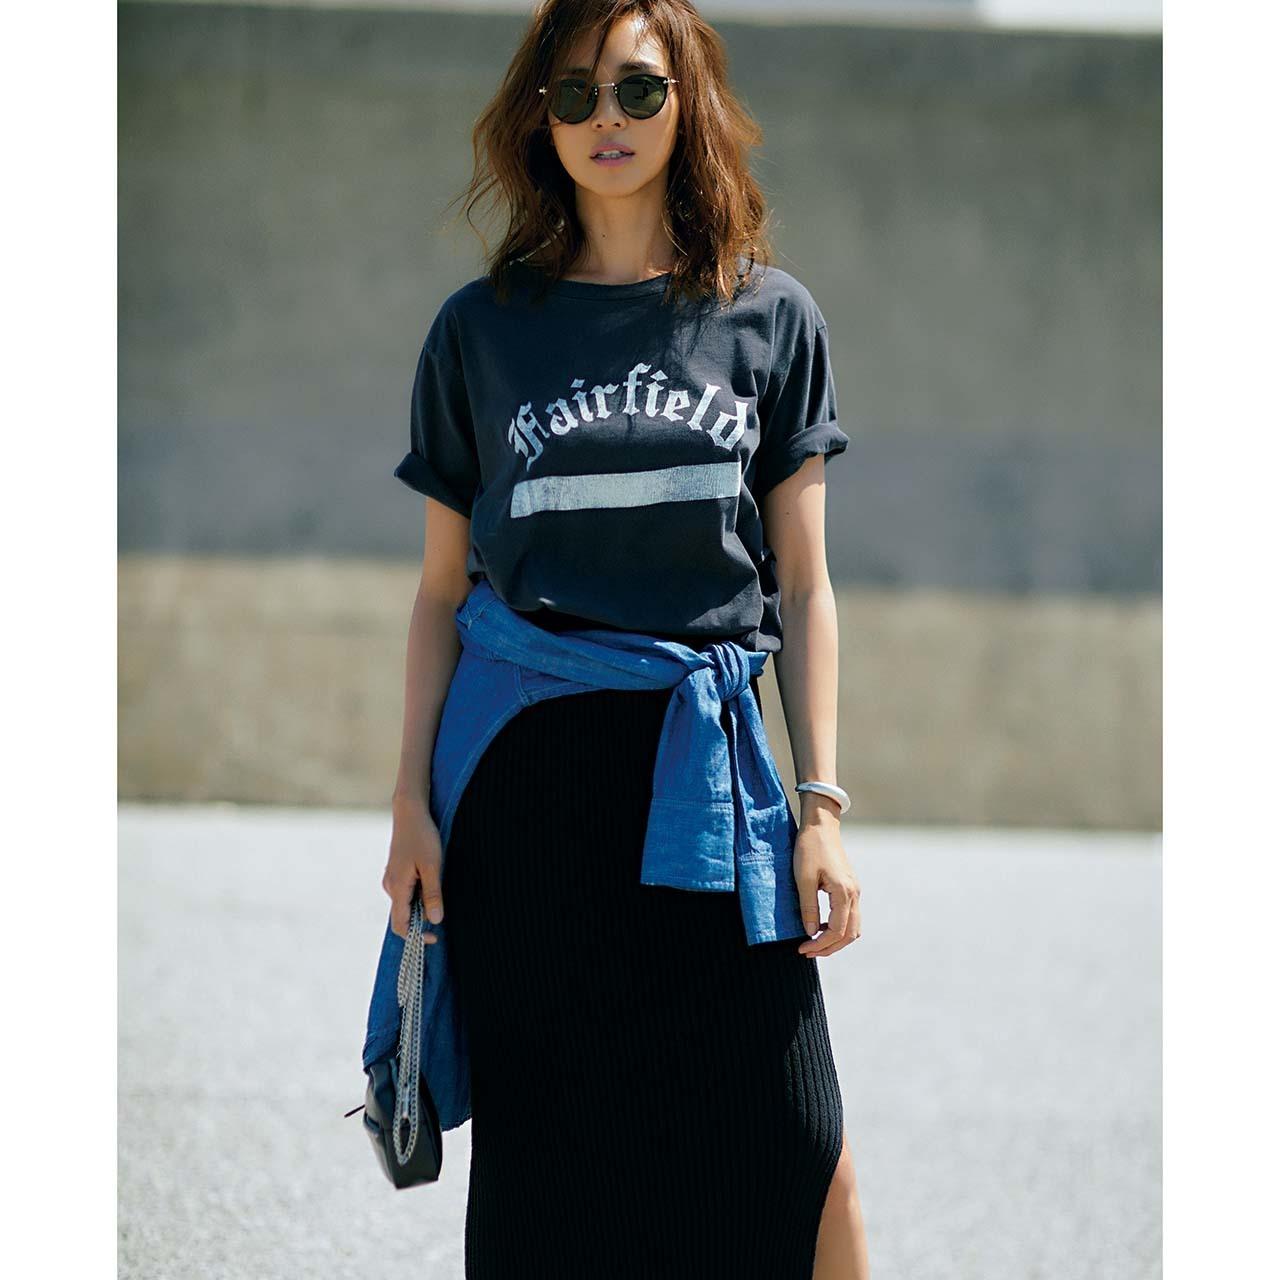 ヴィンテージ風Tシャツ×ニットスカートのモノトーンコーデ